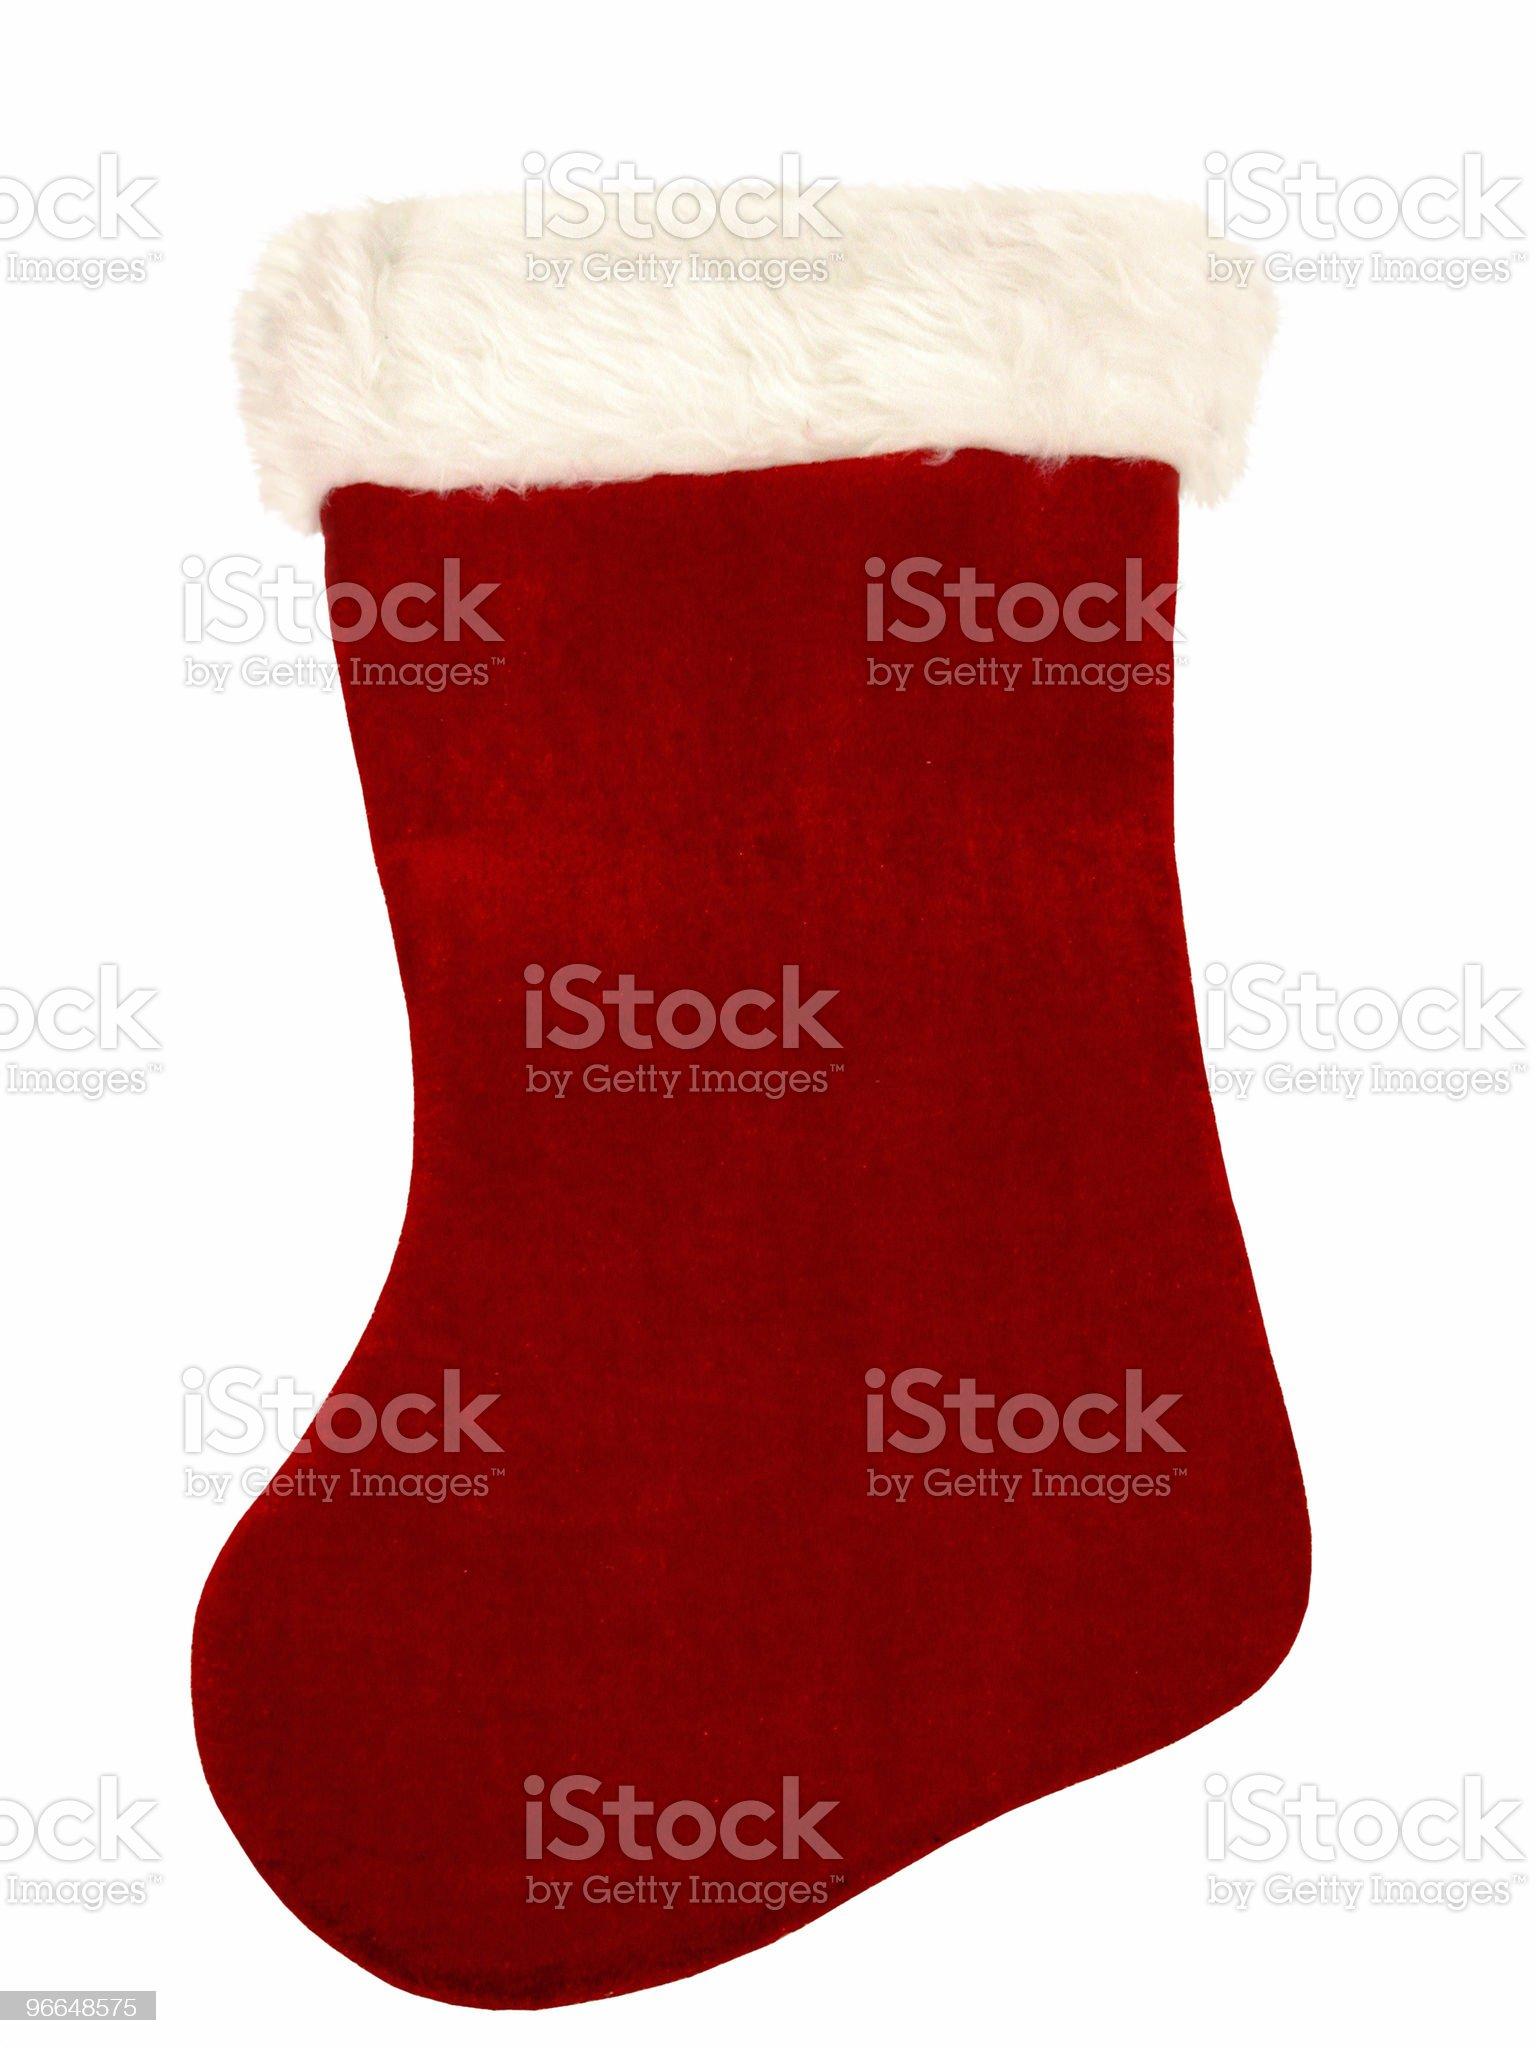 Christmas Stocking on White royalty-free stock photo